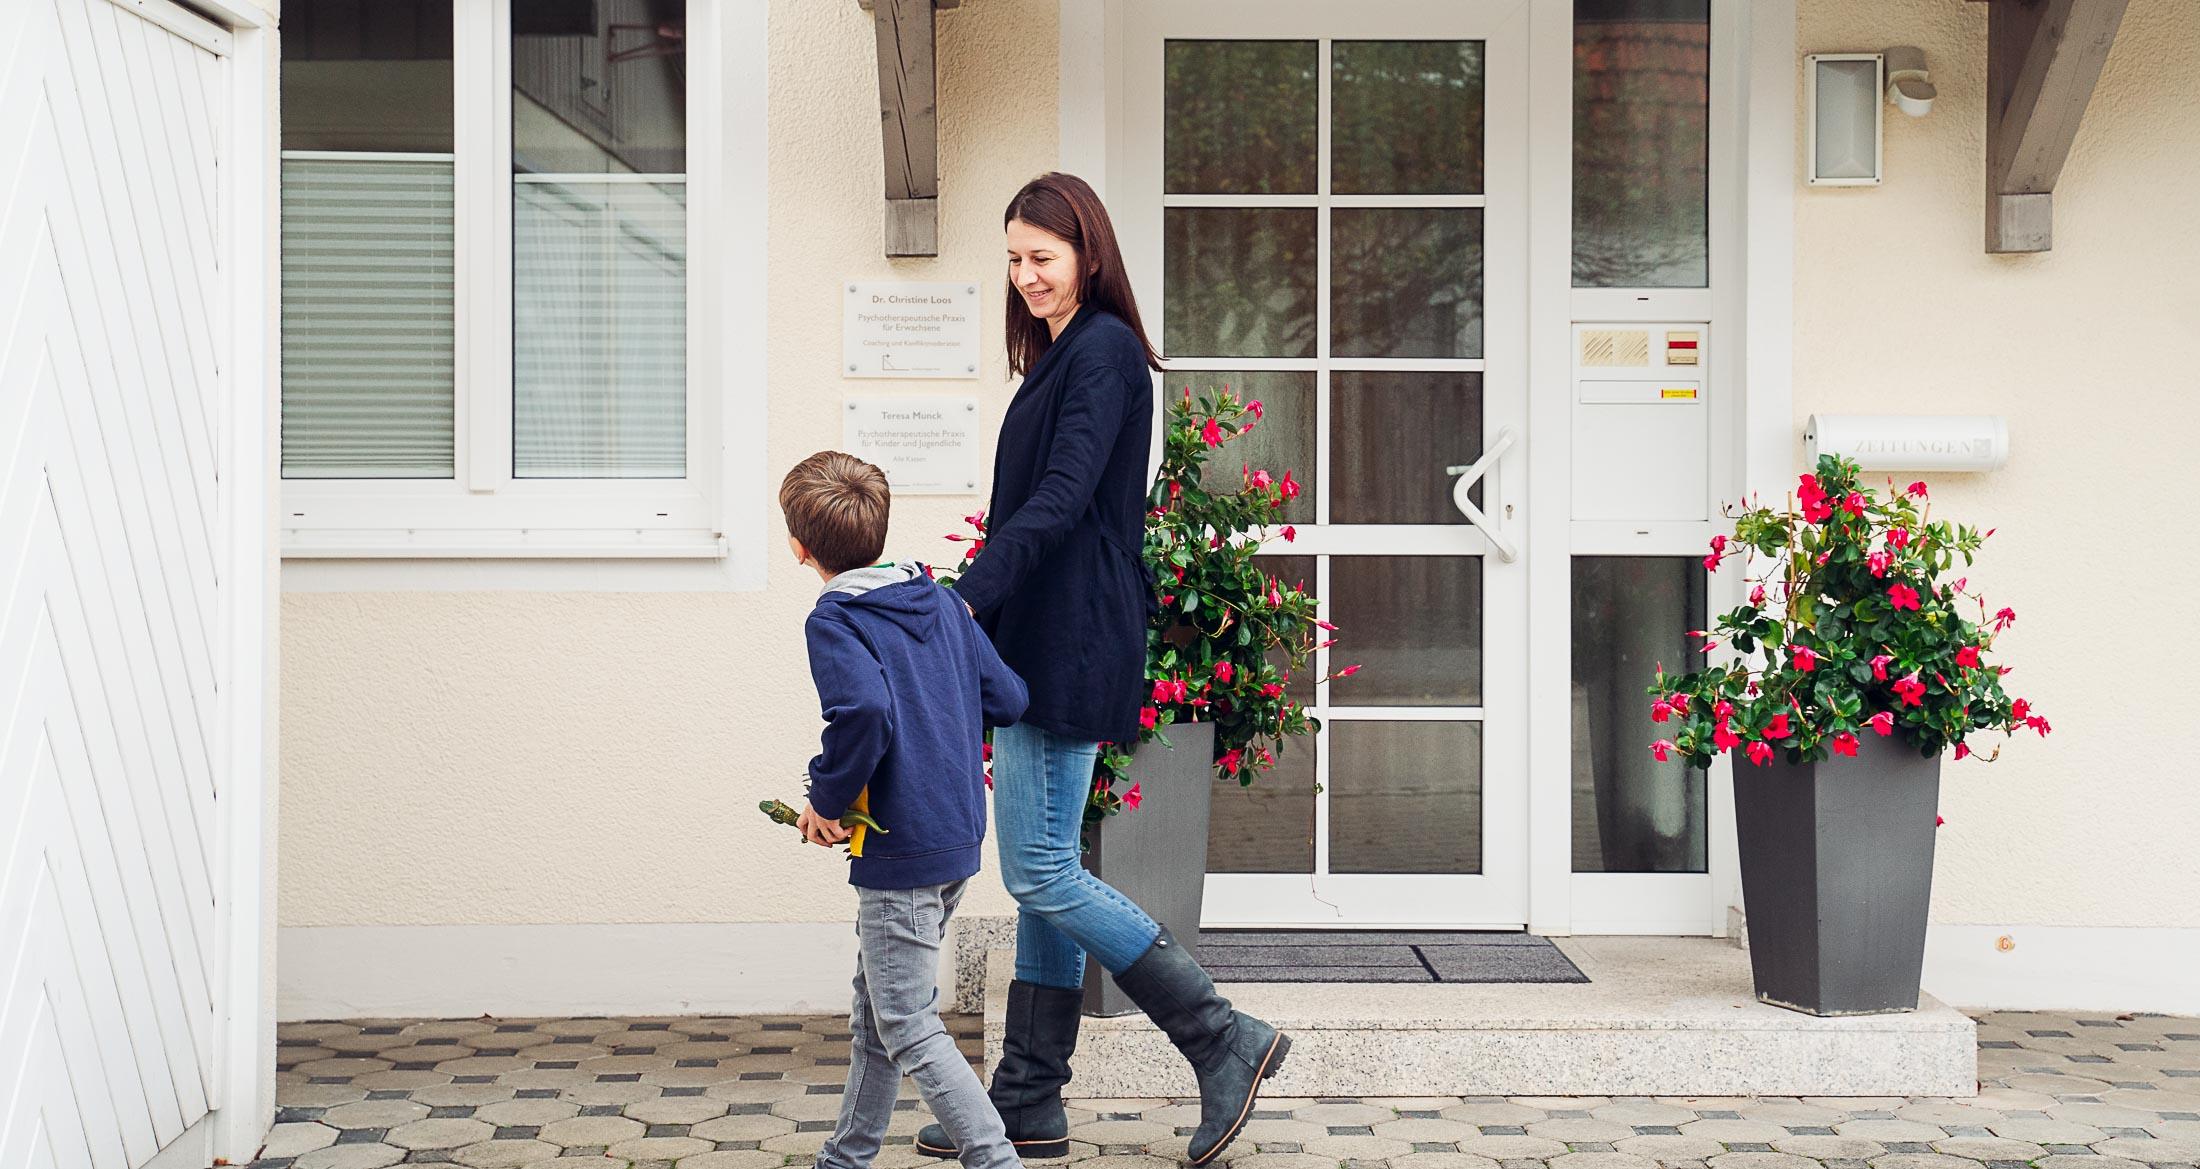 Mutter mit ihrem jungen Sohn auf dem Weg zur Psychotherapeutin für Kinder und Jugendliche Teresa Munck in Baldham